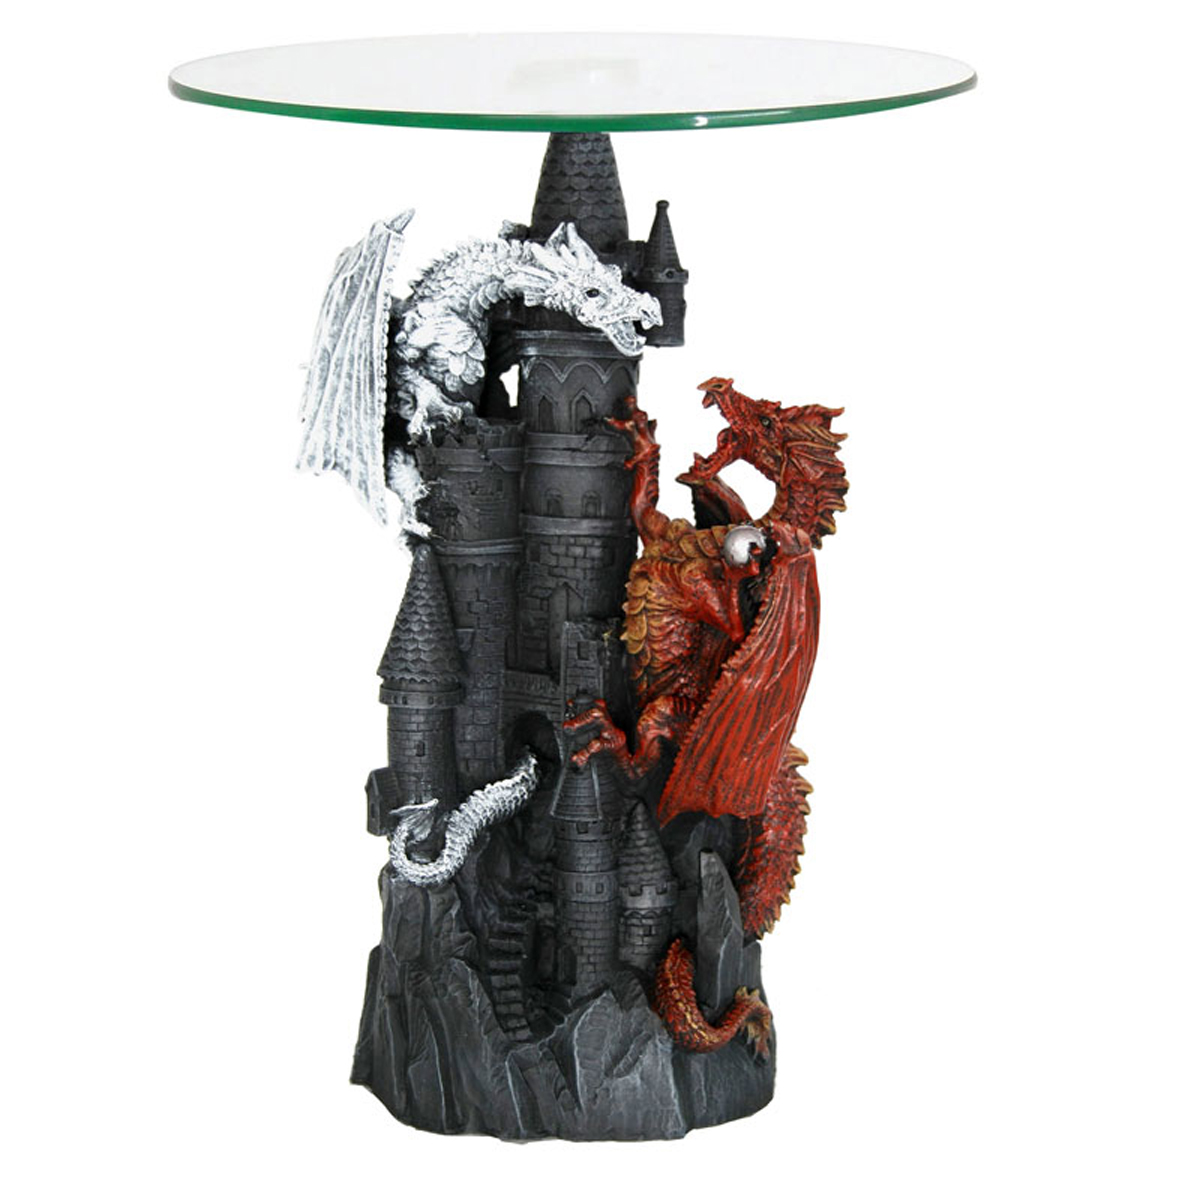 Table guéridon résine verre \'Dragon Mystique\' argenté rouge gris - 46x41x40 cm - [R2794]